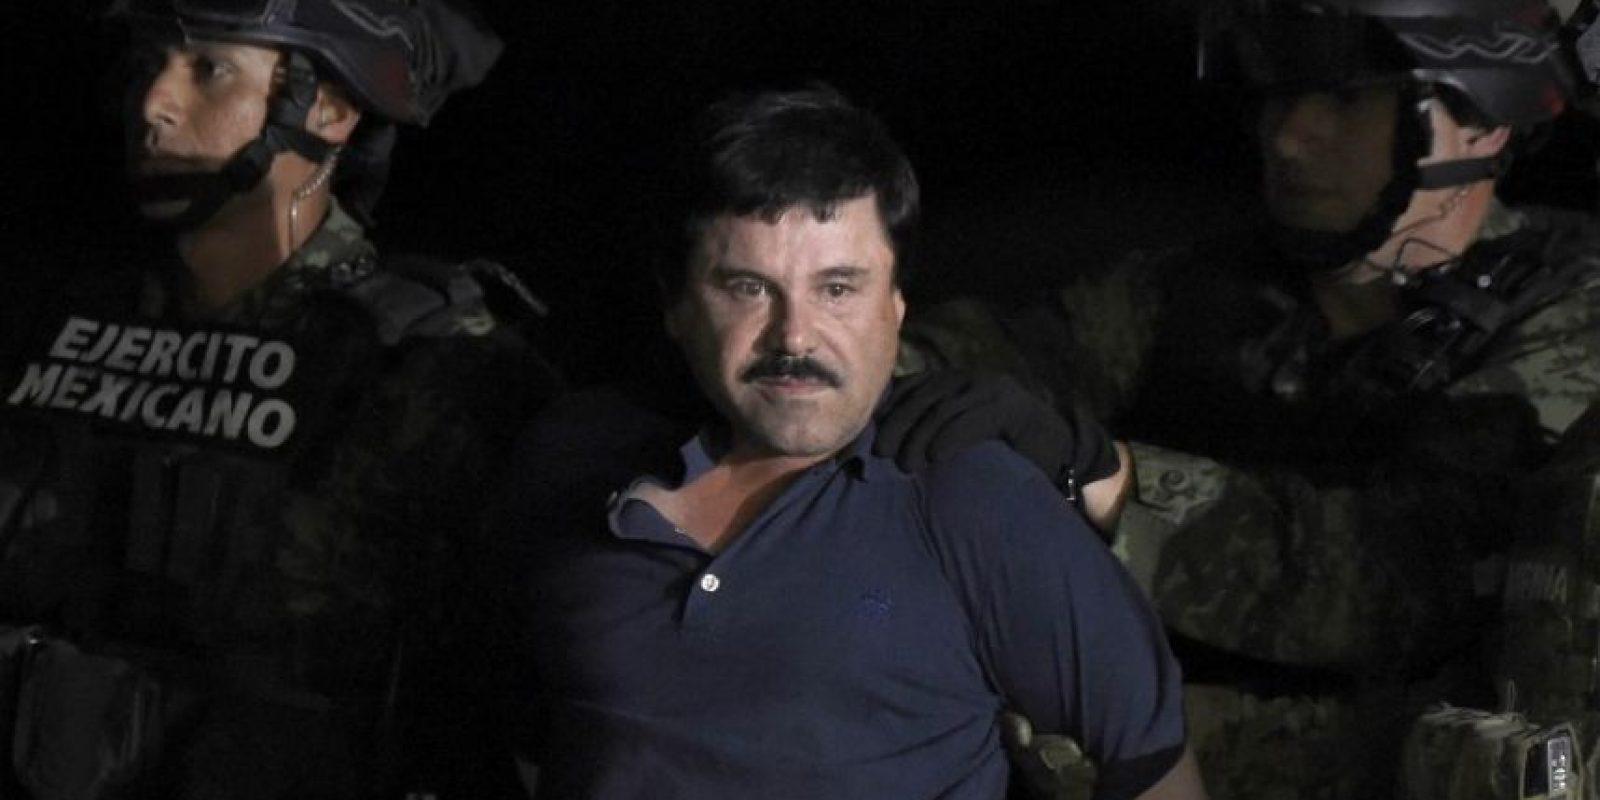 Su tercera captura fue en Sinaloa, México. Foto:AFP